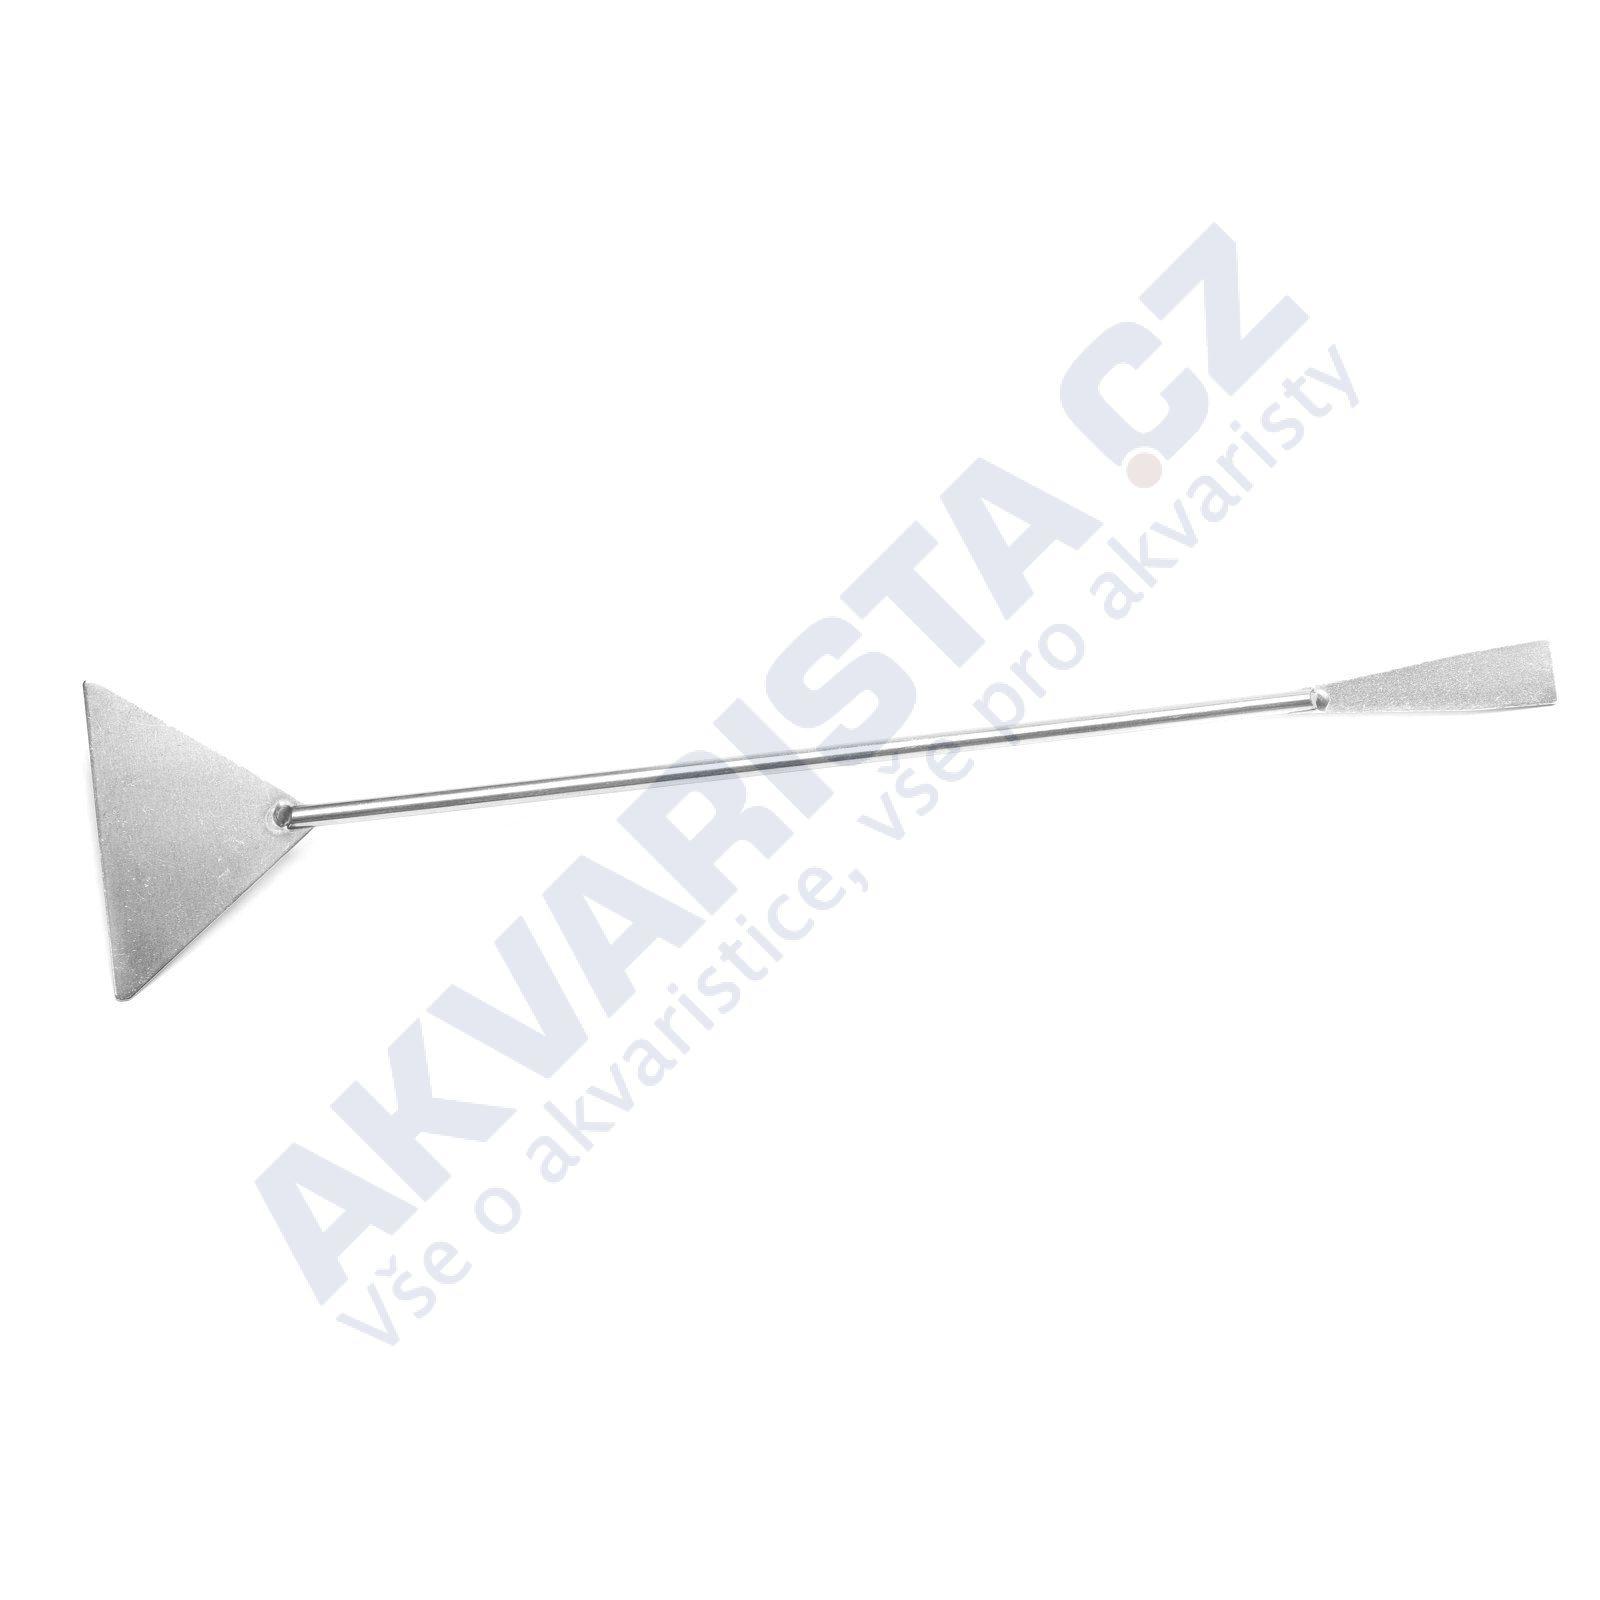 AKVARISTA.cz Uhlazovačka písku standard 32 cm